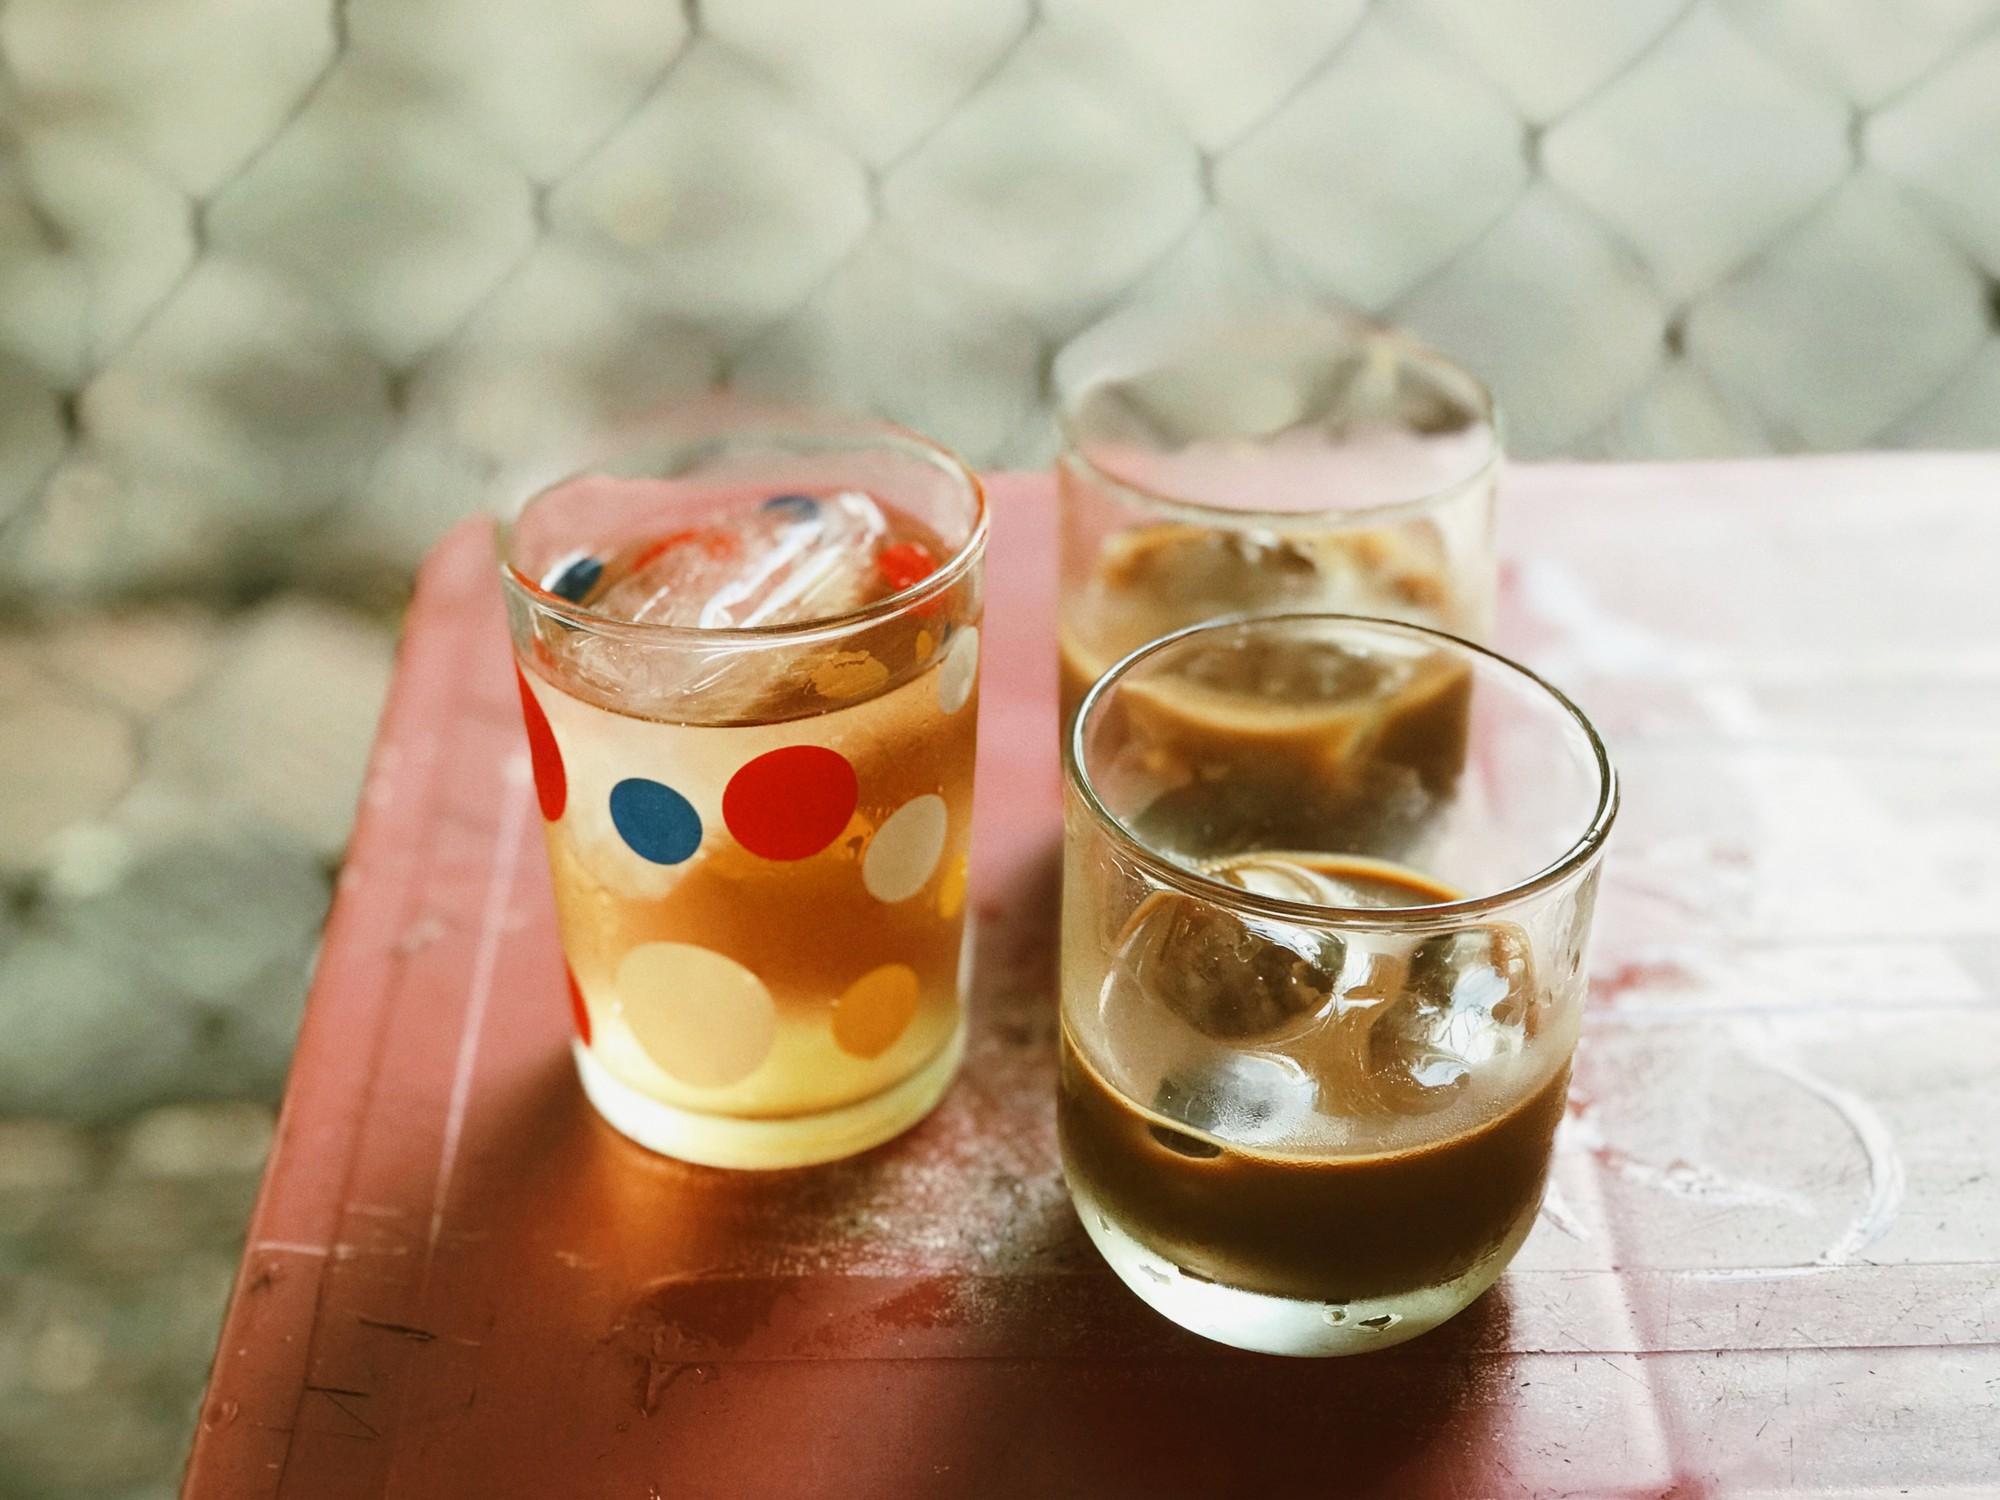 Cà phê chỉ khoảng 1/3 li nhưng đậm đặc kiểu người miền Trung hay uống